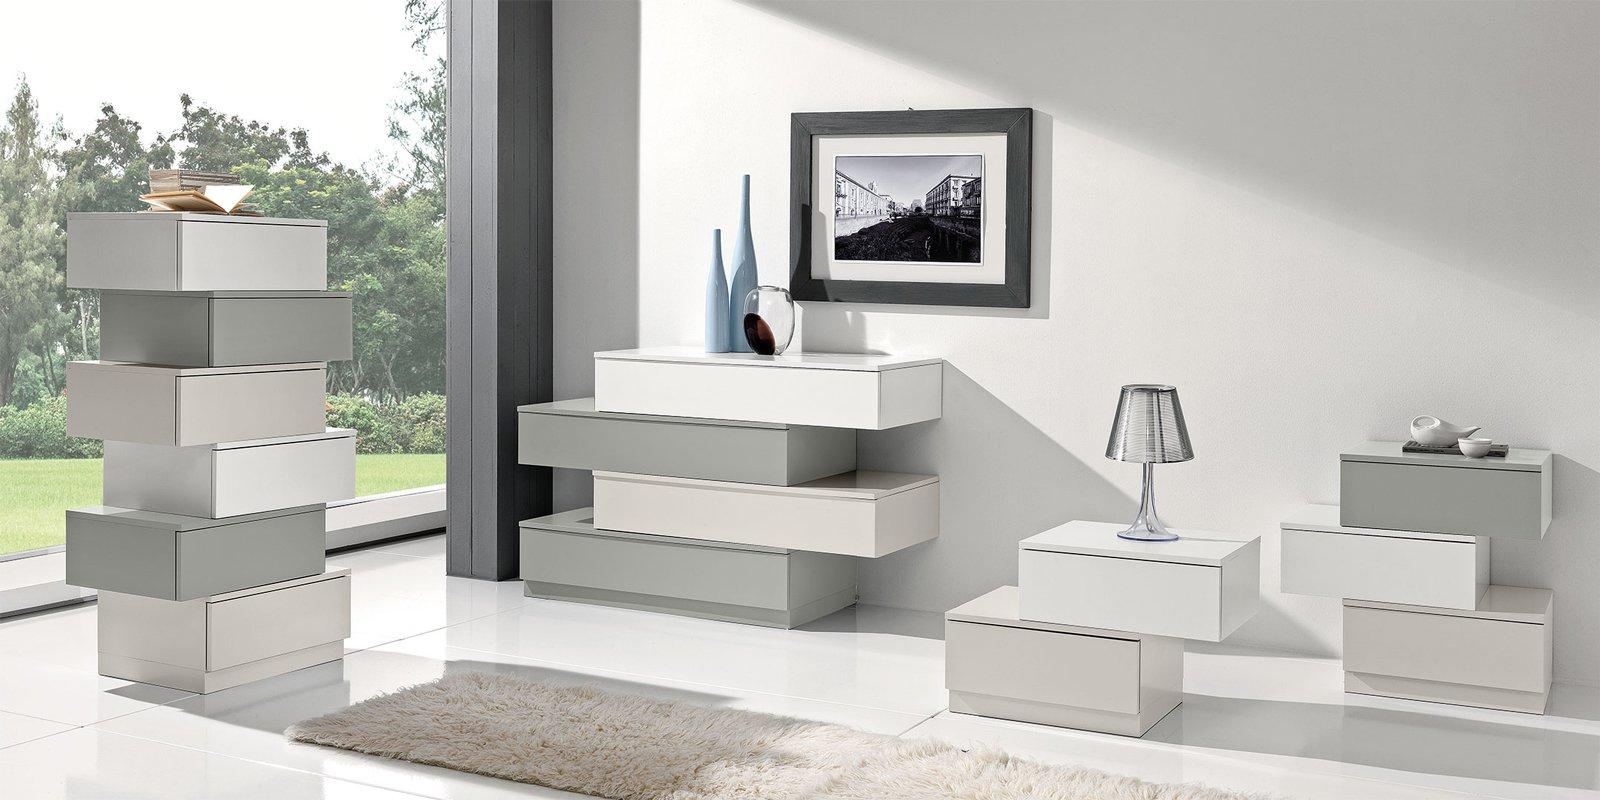 Cassettiere moderne e classiche cose di casa - Cassettiera camera da letto ...